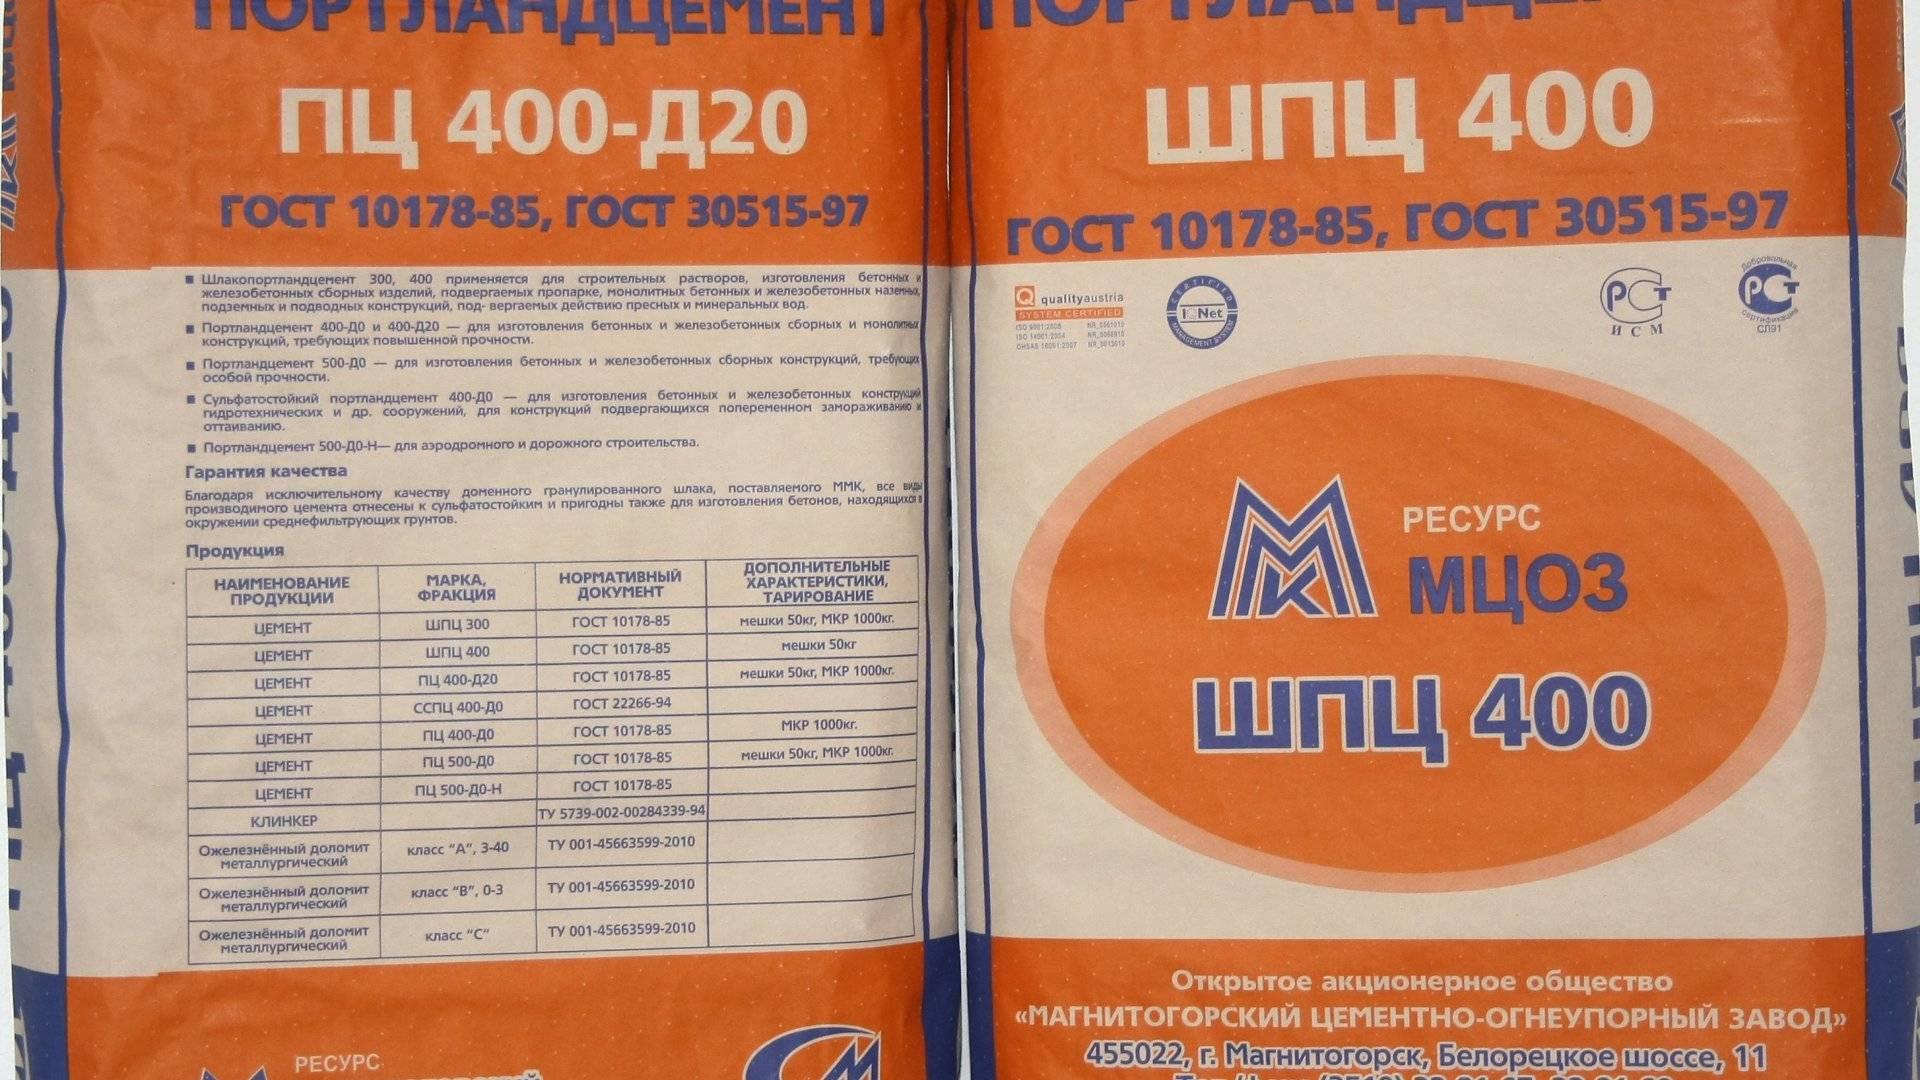 Цемент м500 д0 (м 500, пц 500 д0) - технические характеристики